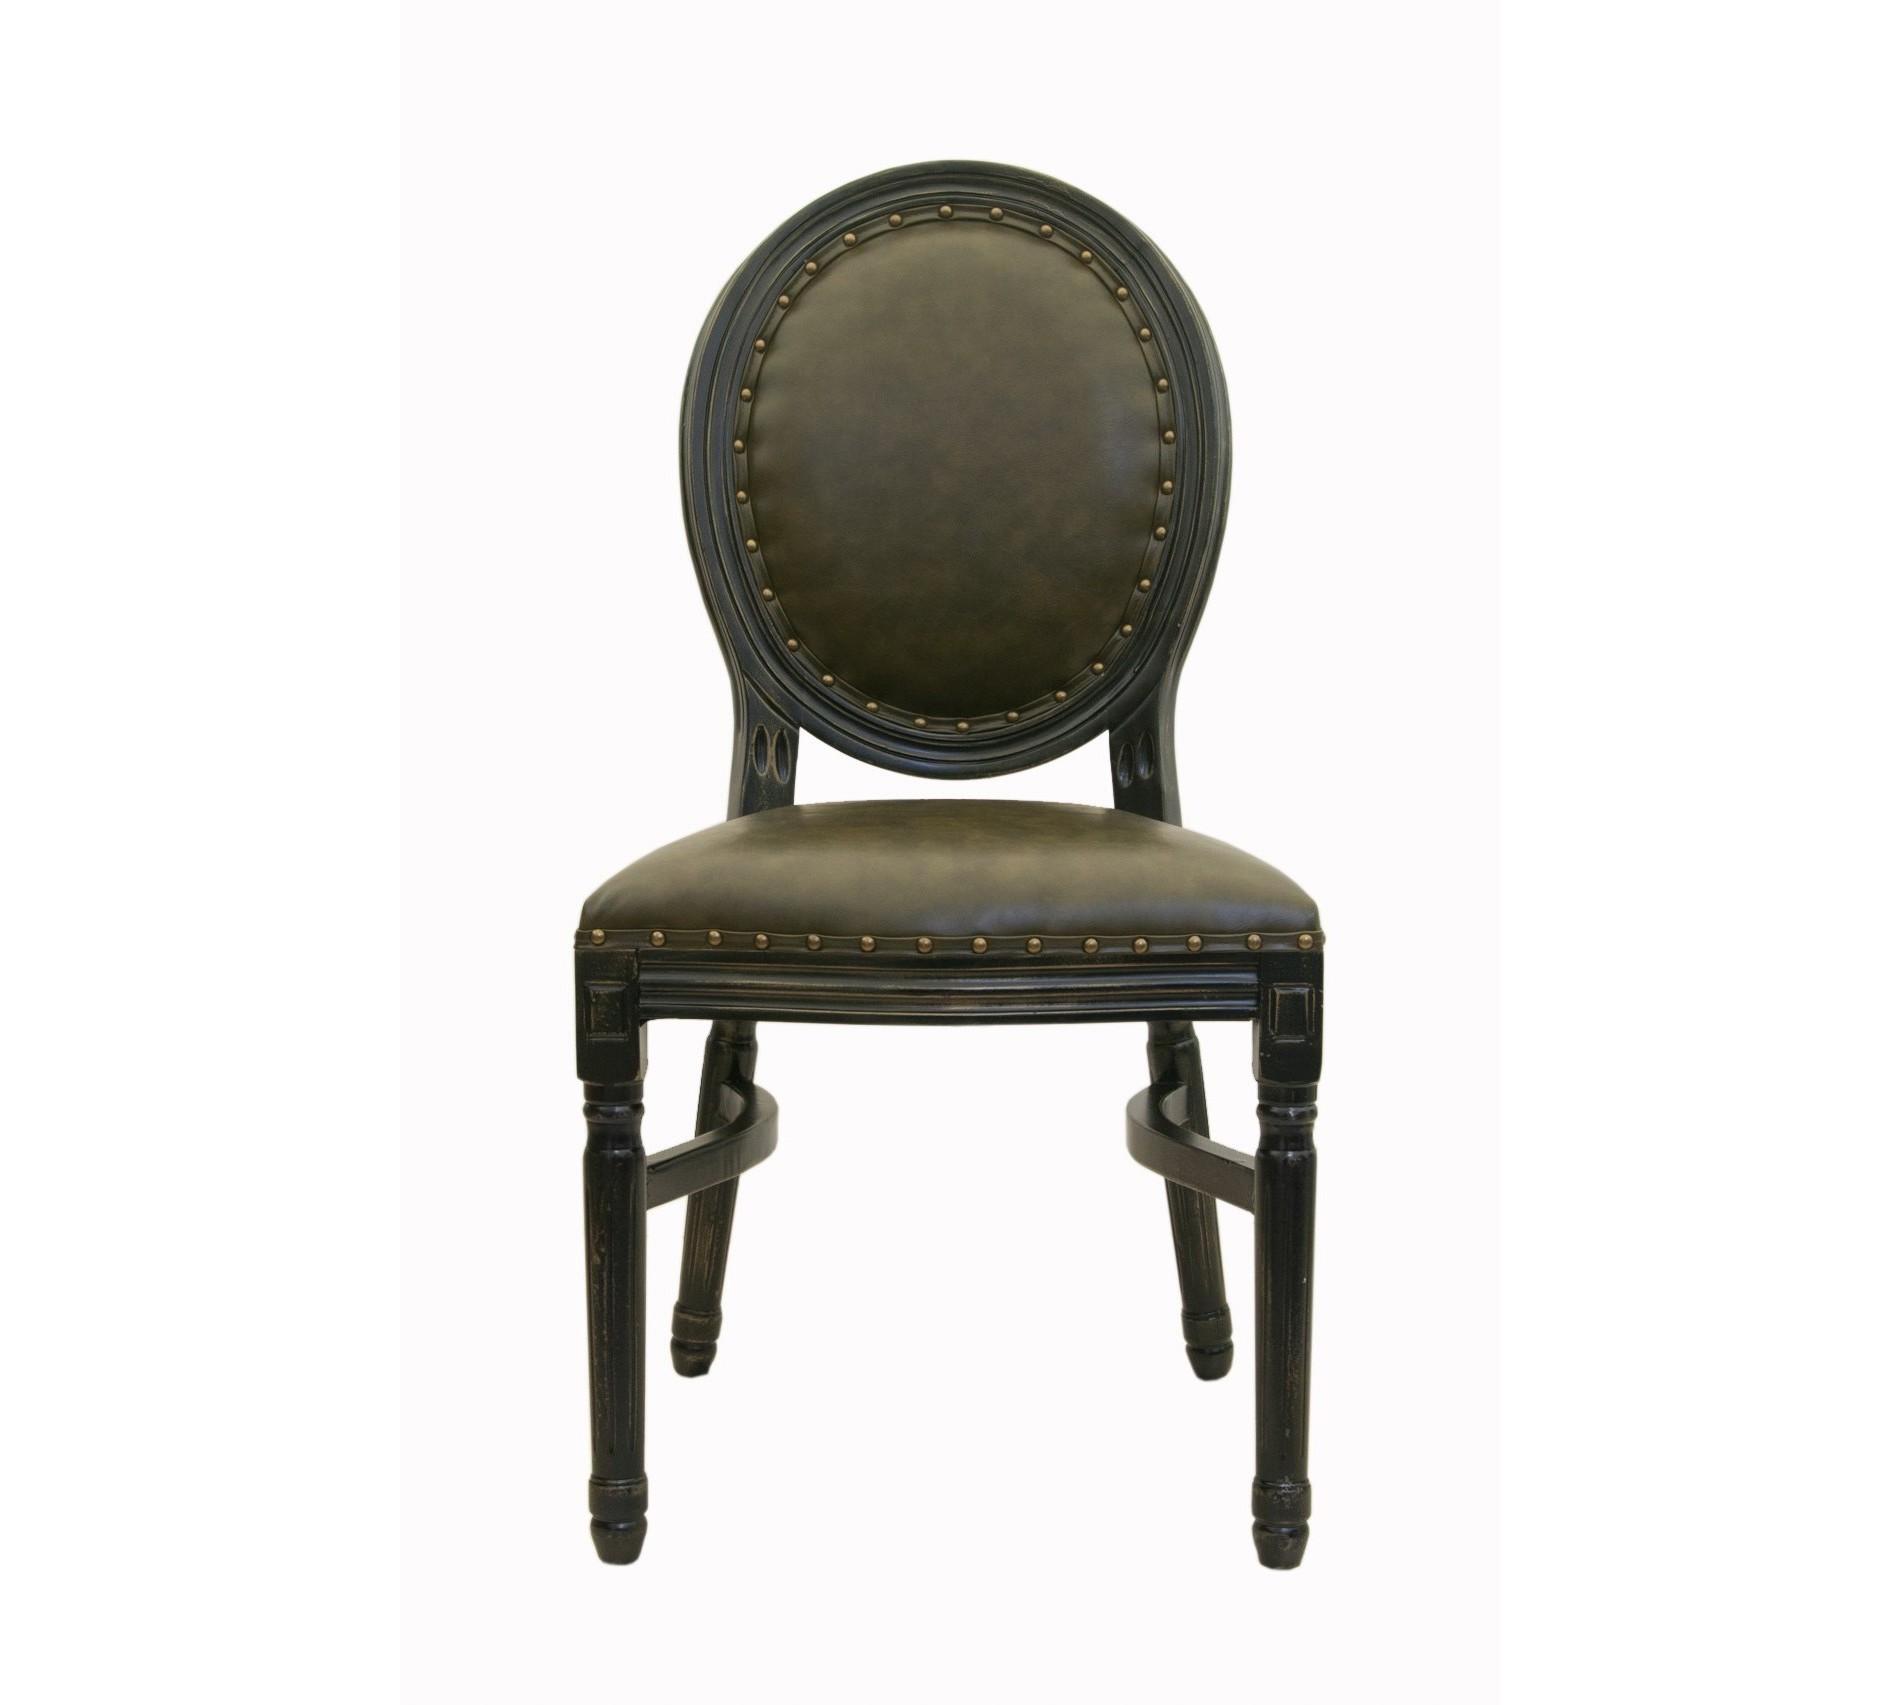 Стул BendedОбеденные стулья<br>Cтул Bended с округлой спинкой напоминающей медальон, выполнен в элегантном классическом французском стиле. Основание модели выполнено из цельной породы древесины - массива каучукового дерева, искусственно состаренного. Такой стул эффектно смотрится как в контрастной, так и в однотонной обстановке.&amp;lt;div&amp;gt;&amp;lt;br&amp;gt;&amp;lt;/div&amp;gt;&amp;lt;div&amp;gt;Материал: экокожа, каучуковое дерево.&amp;lt;/div&amp;gt;&amp;lt;div&amp;gt;&amp;lt;br&amp;gt;&amp;lt;/div&amp;gt;<br><br>Material: Экокожа<br>Ширина см: 50.0<br>Высота см: 100.0<br>Глубина см: 54.0